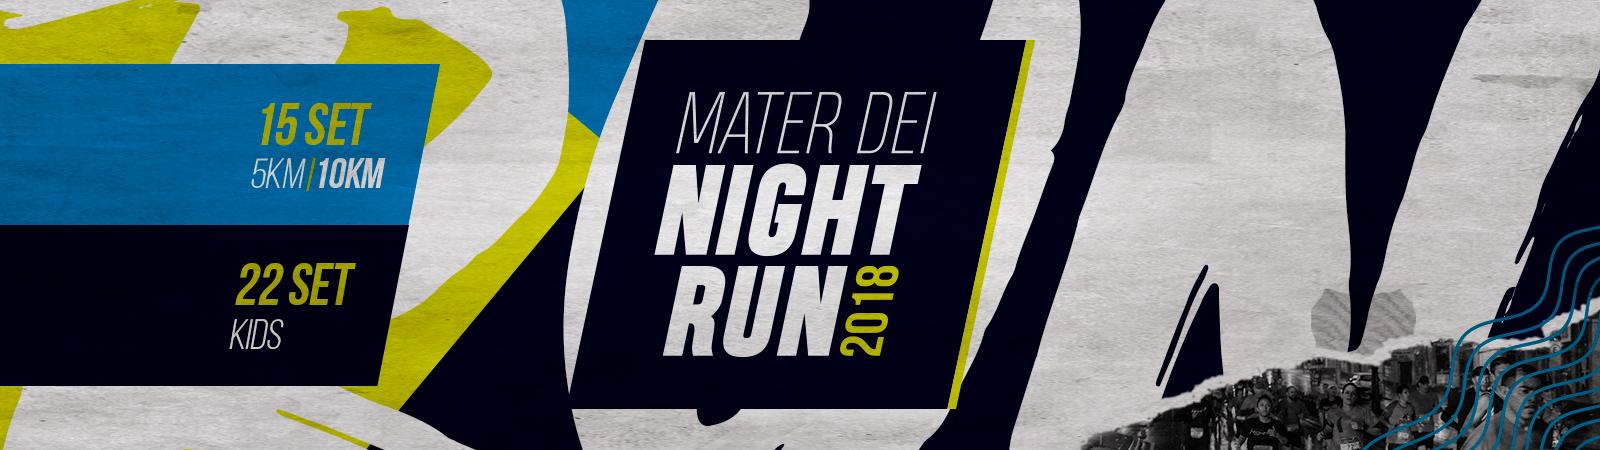 4ª MATER DEI NIGHT RUN - Imagem de topo